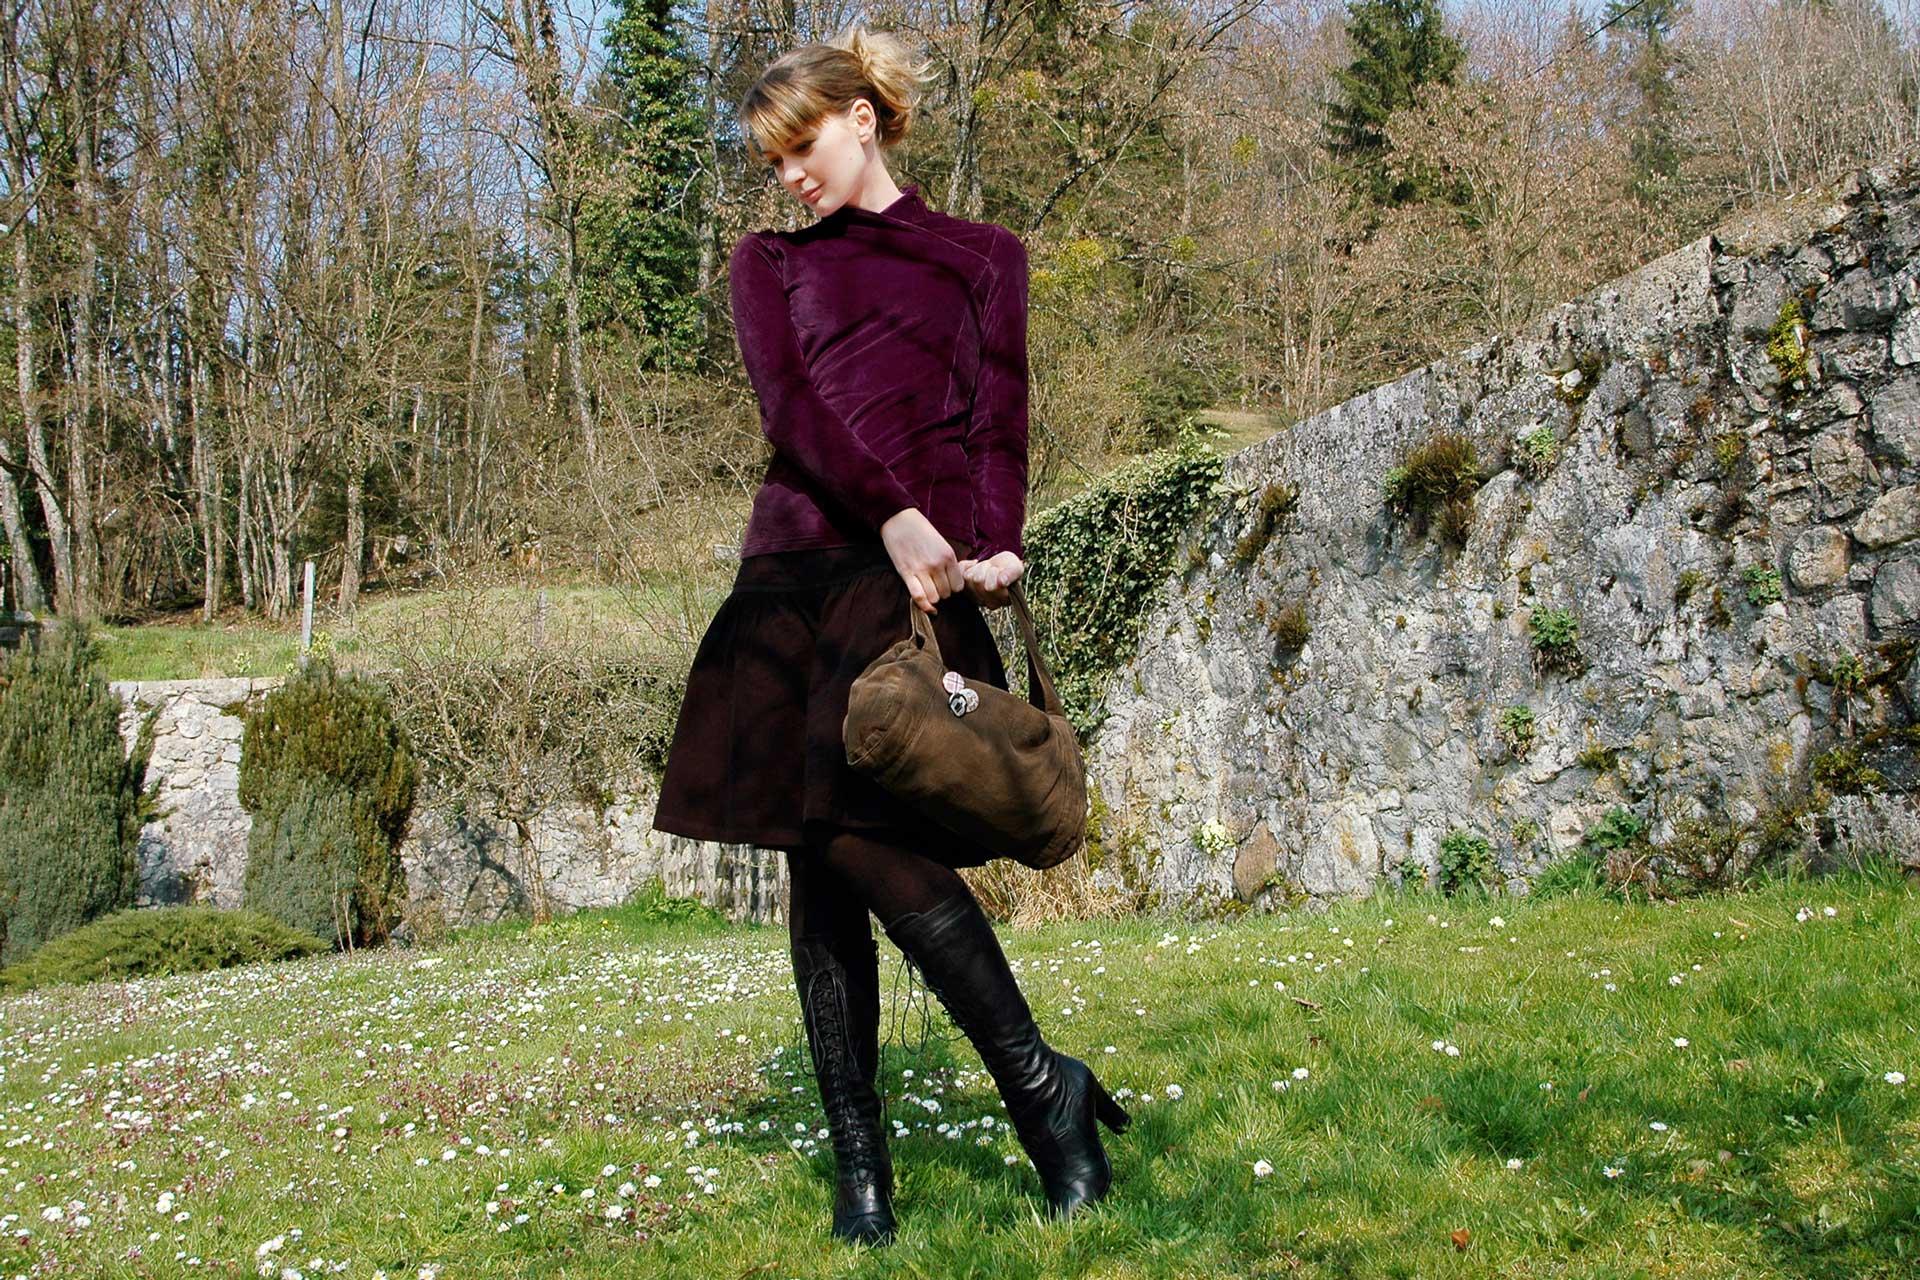 Laure-Maud_photographe_mode-ethique-ecologique_ideo_hiver_04